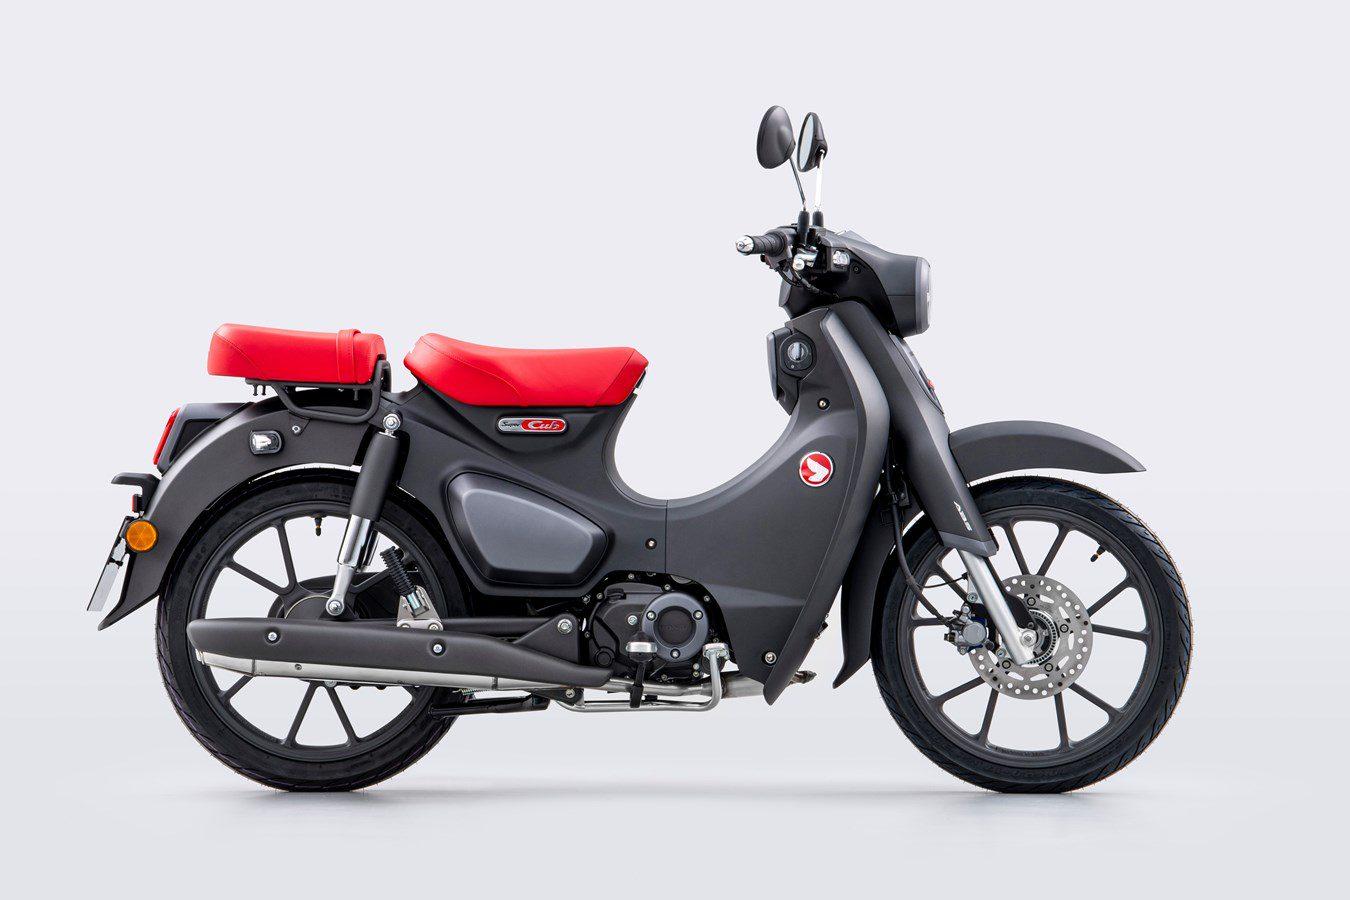 Honda Super Cub 125 2022